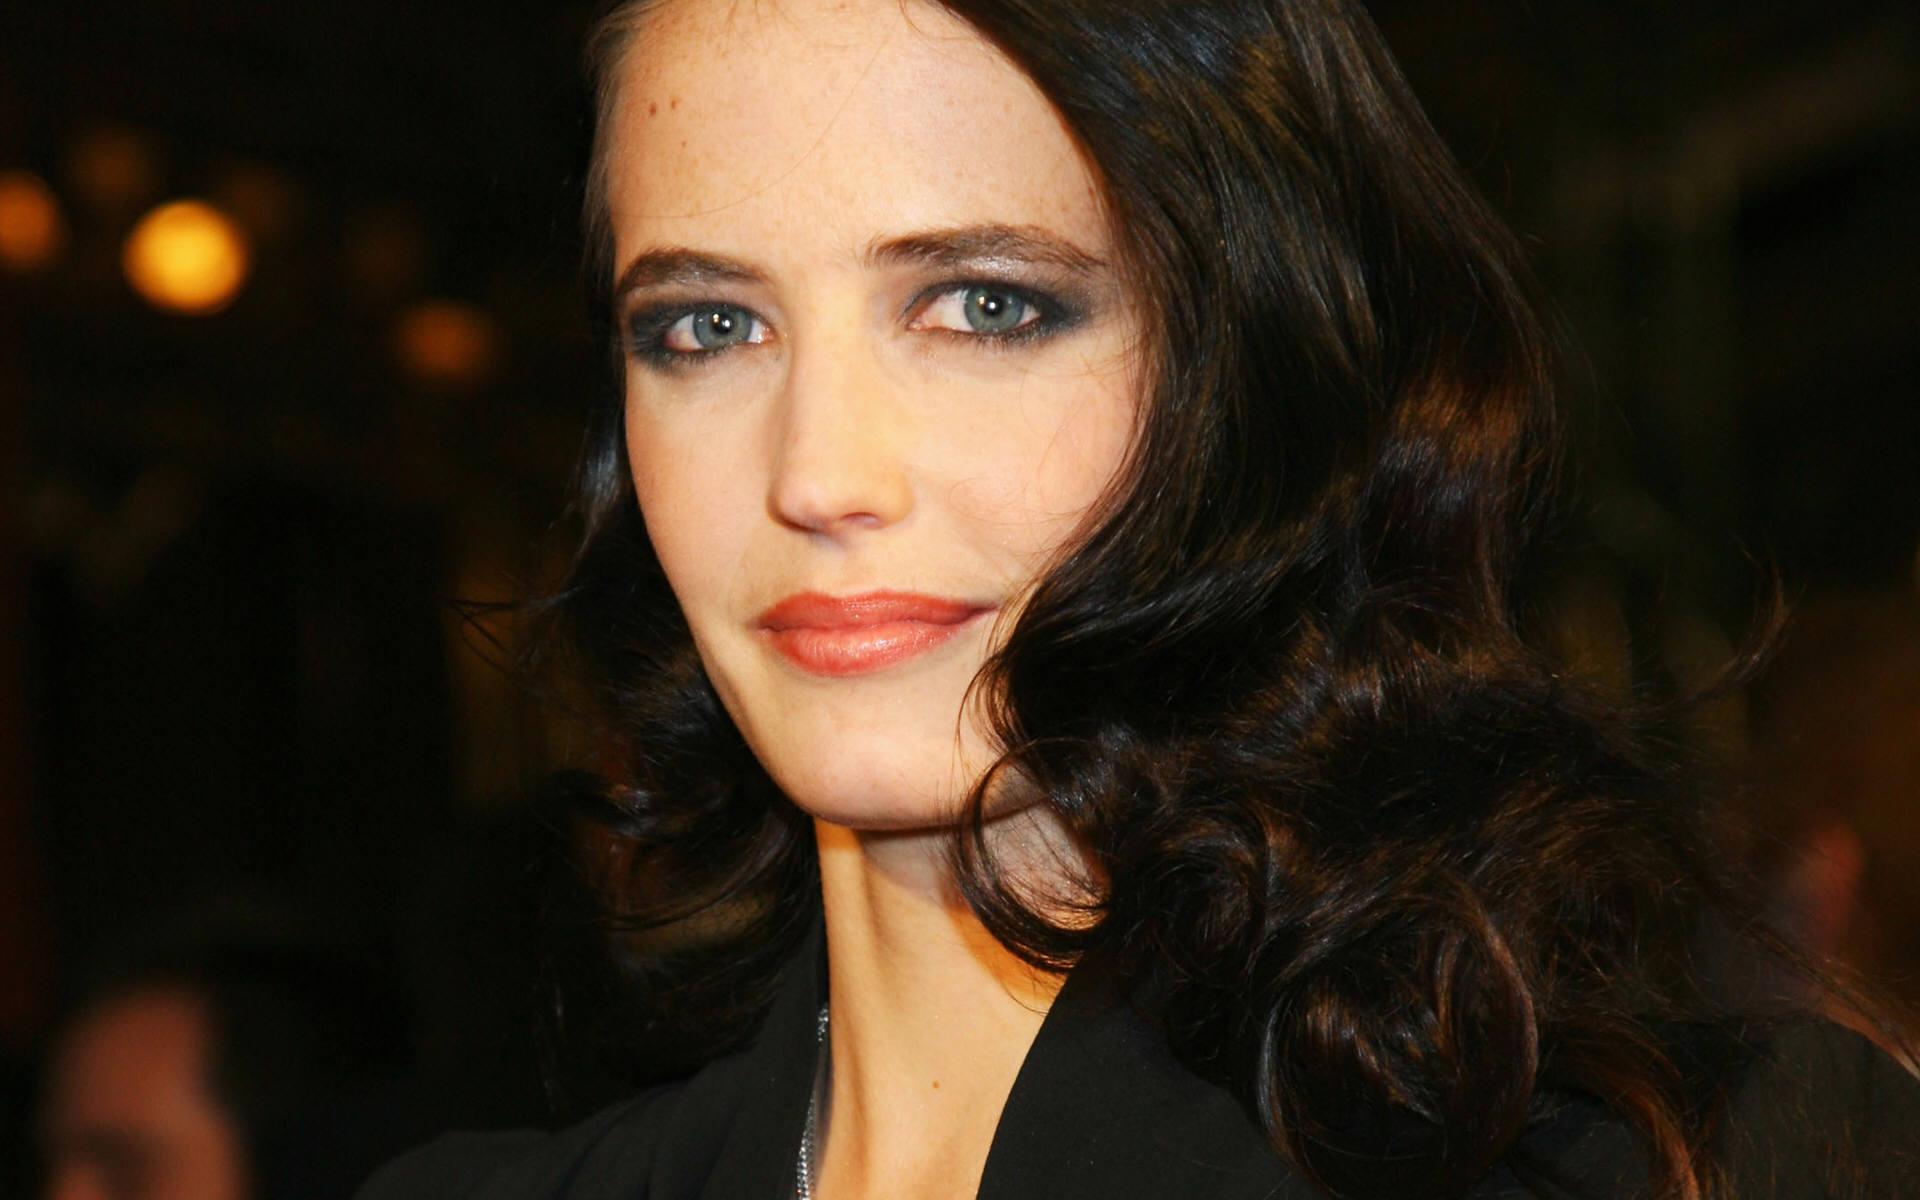 Eva green - Dans la peau d'une blogueuse.com Cannes FIF 2014